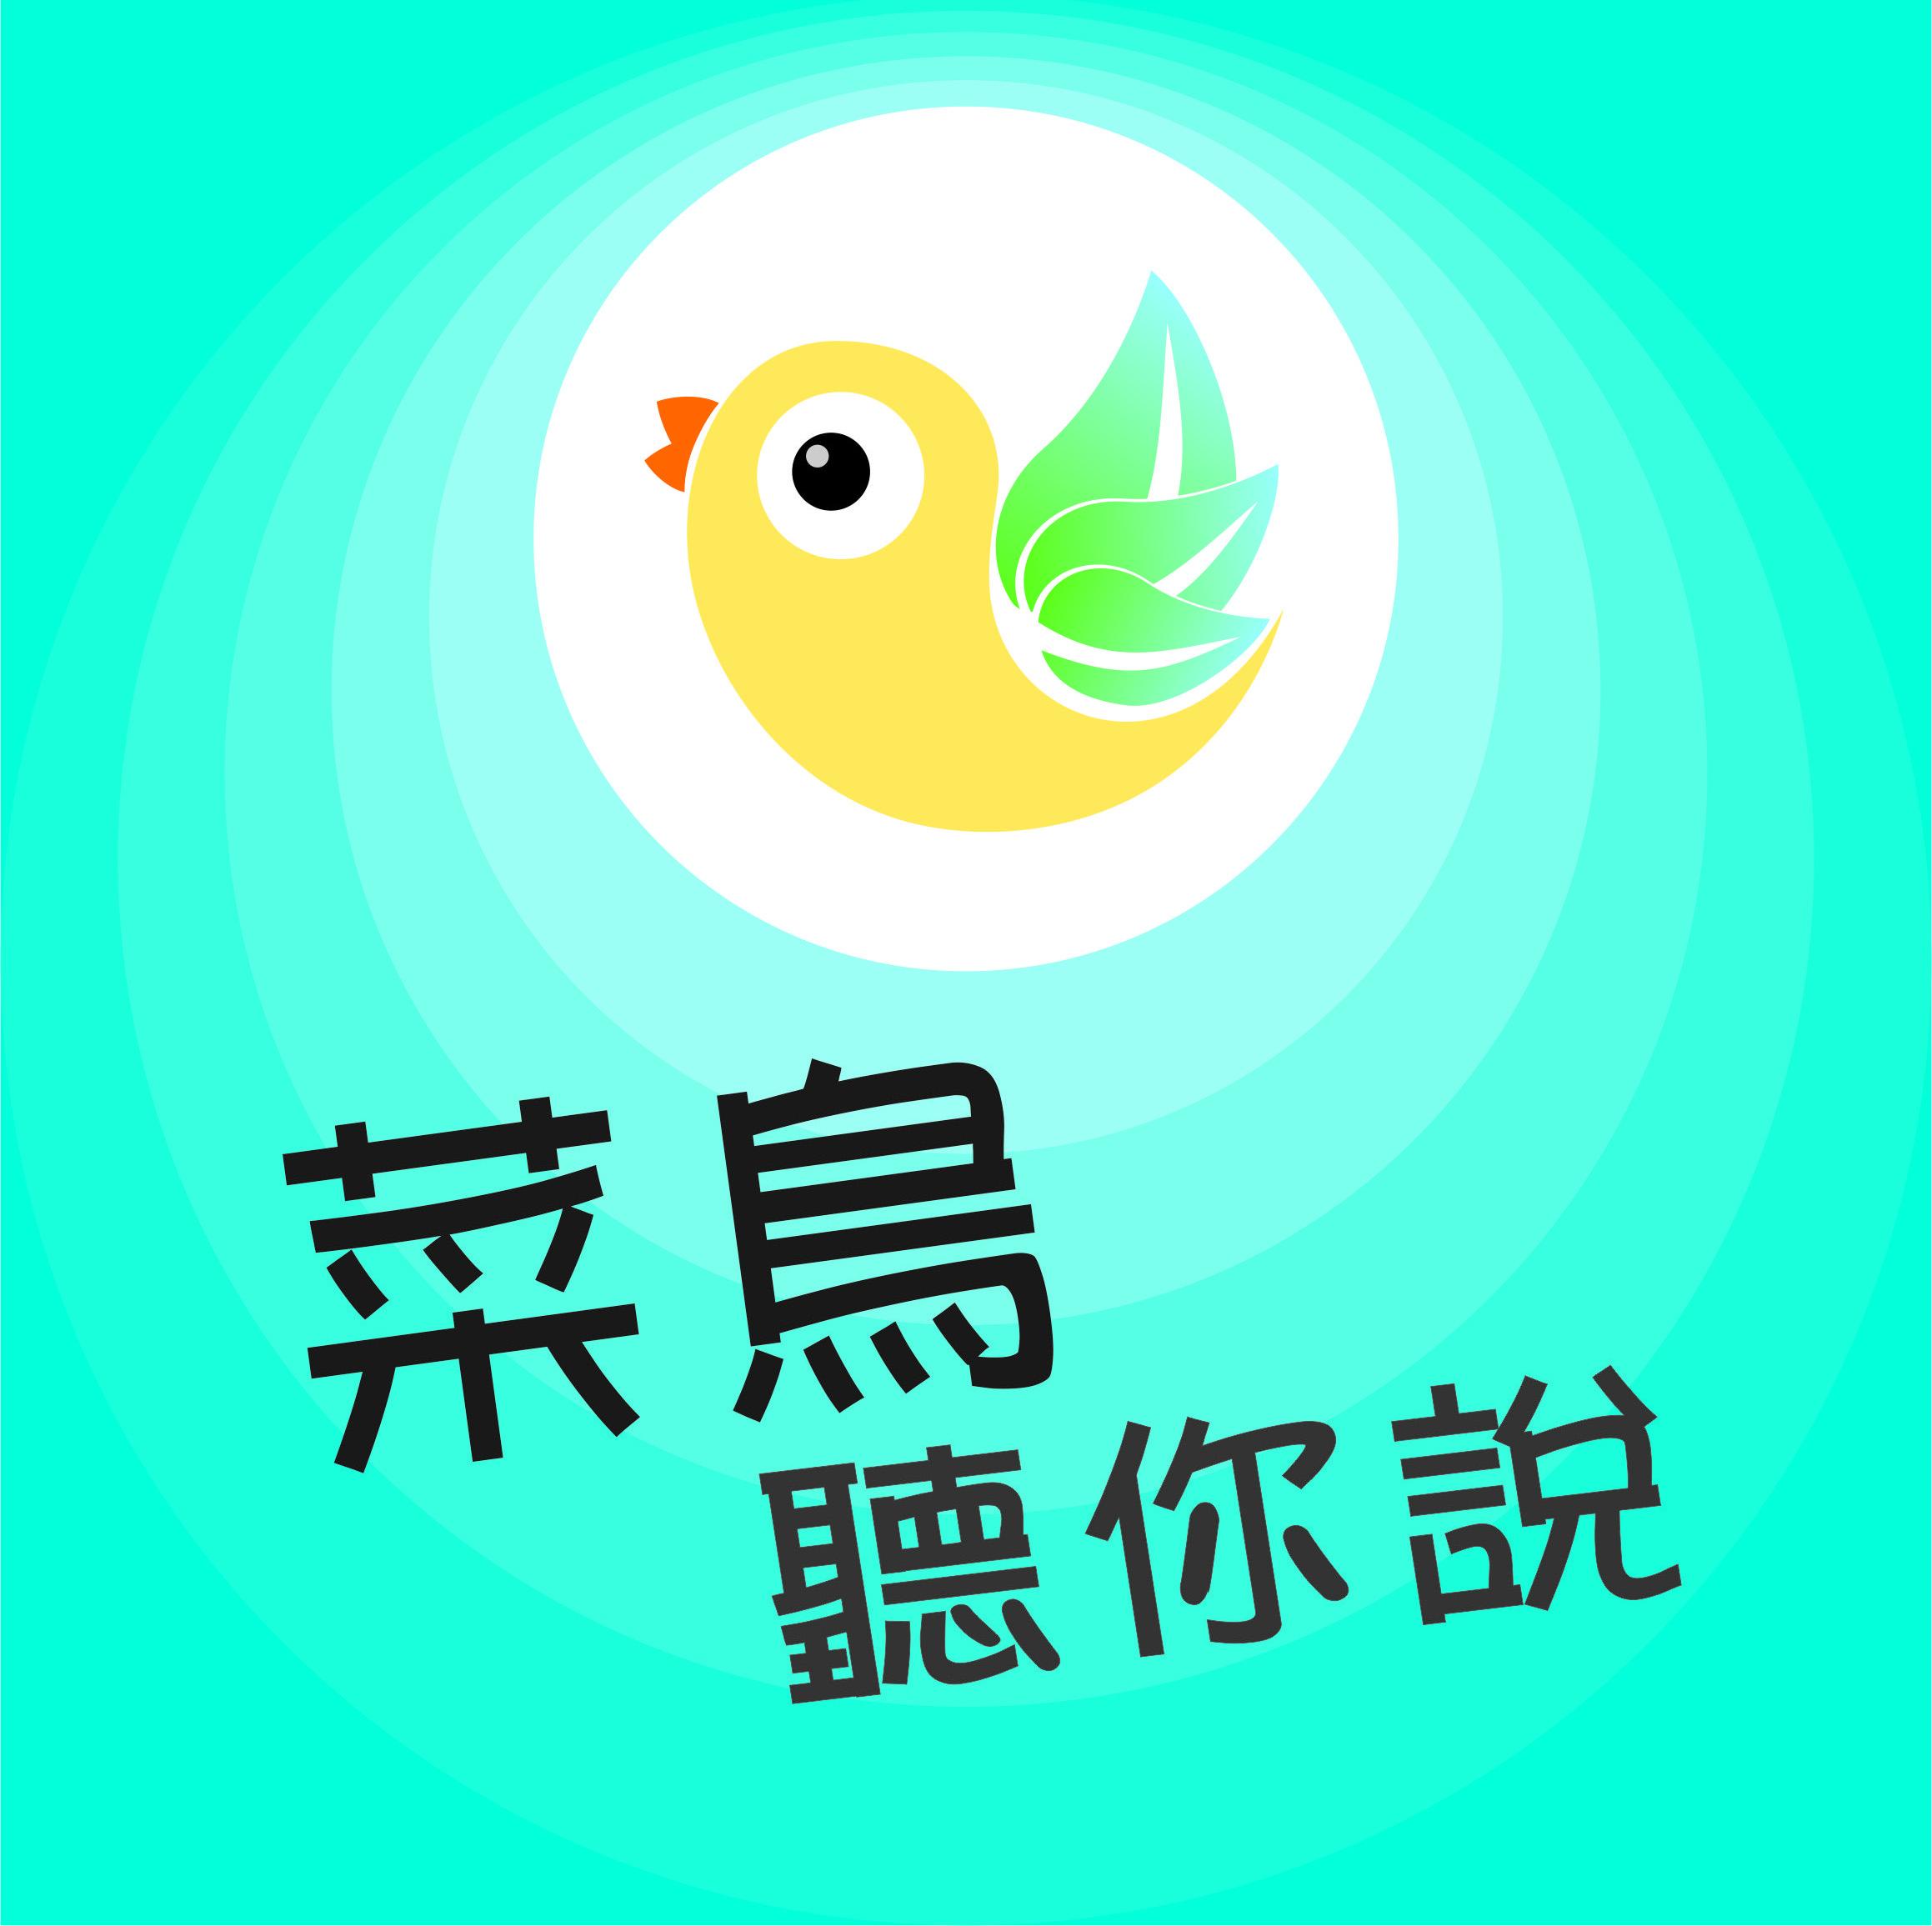 菜鳥聽你說EP06-斜槓人生三合一 (說故事哥哥) Part 2